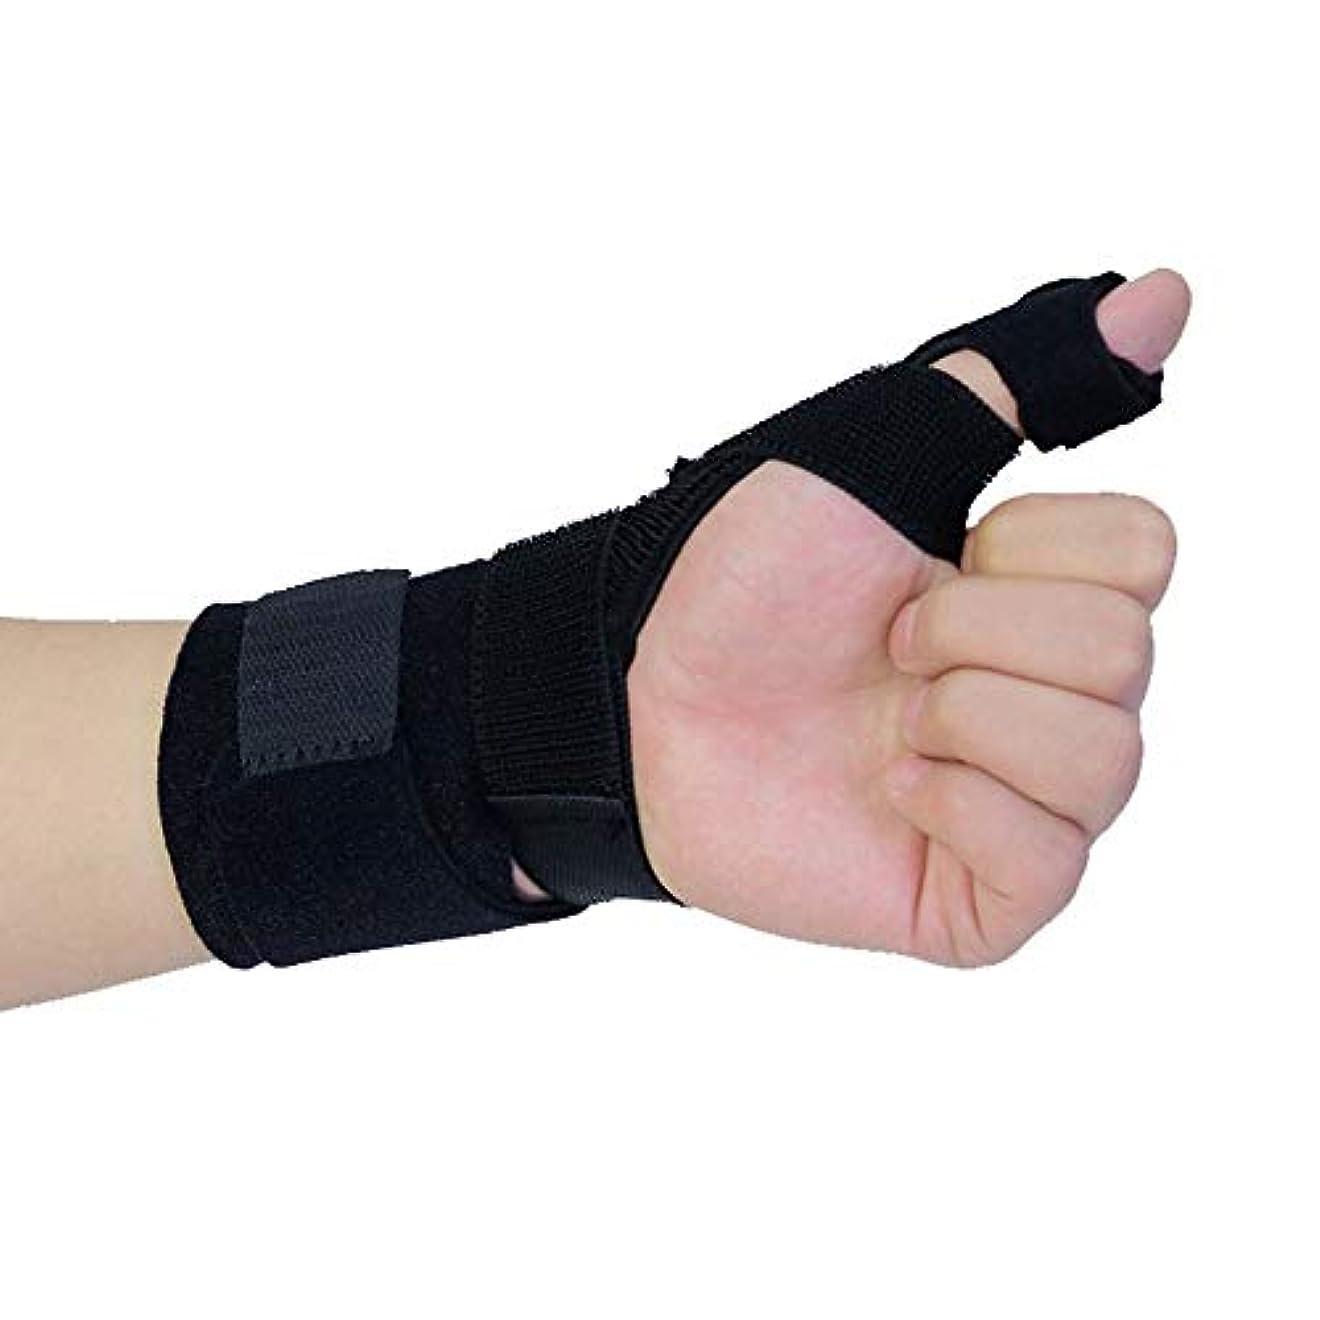 深いペナルティ確保する親指ブレース、関節炎、腱炎、手根管の痛みの軽減、軽量で 調節可能なサイズに適した調節可能なプロテクター